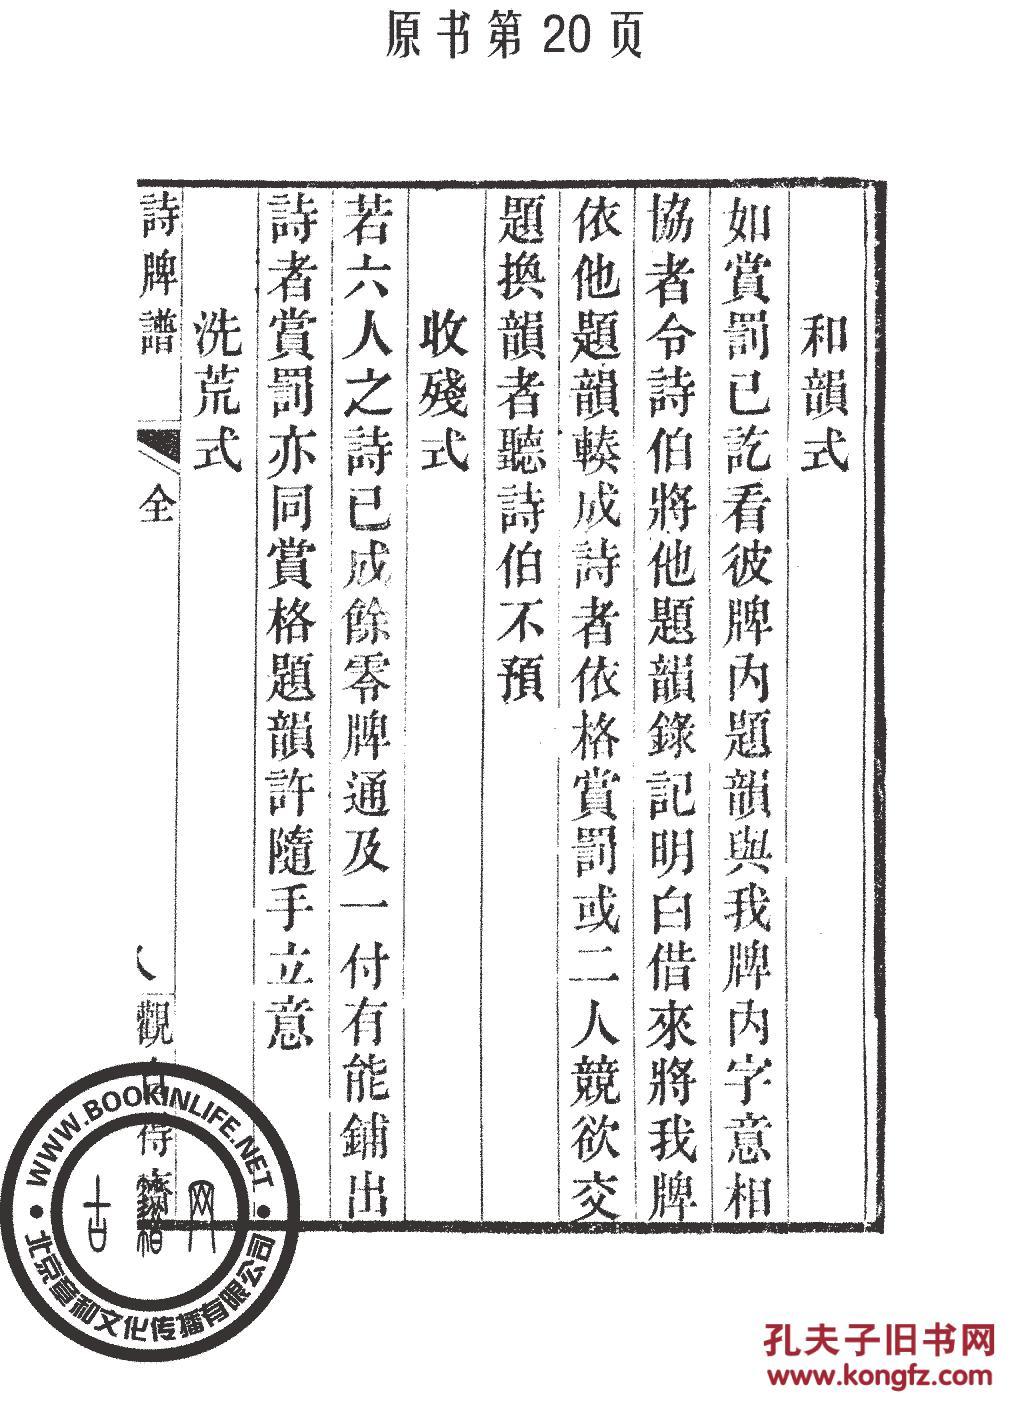 徐氏宗谱1_文档下载